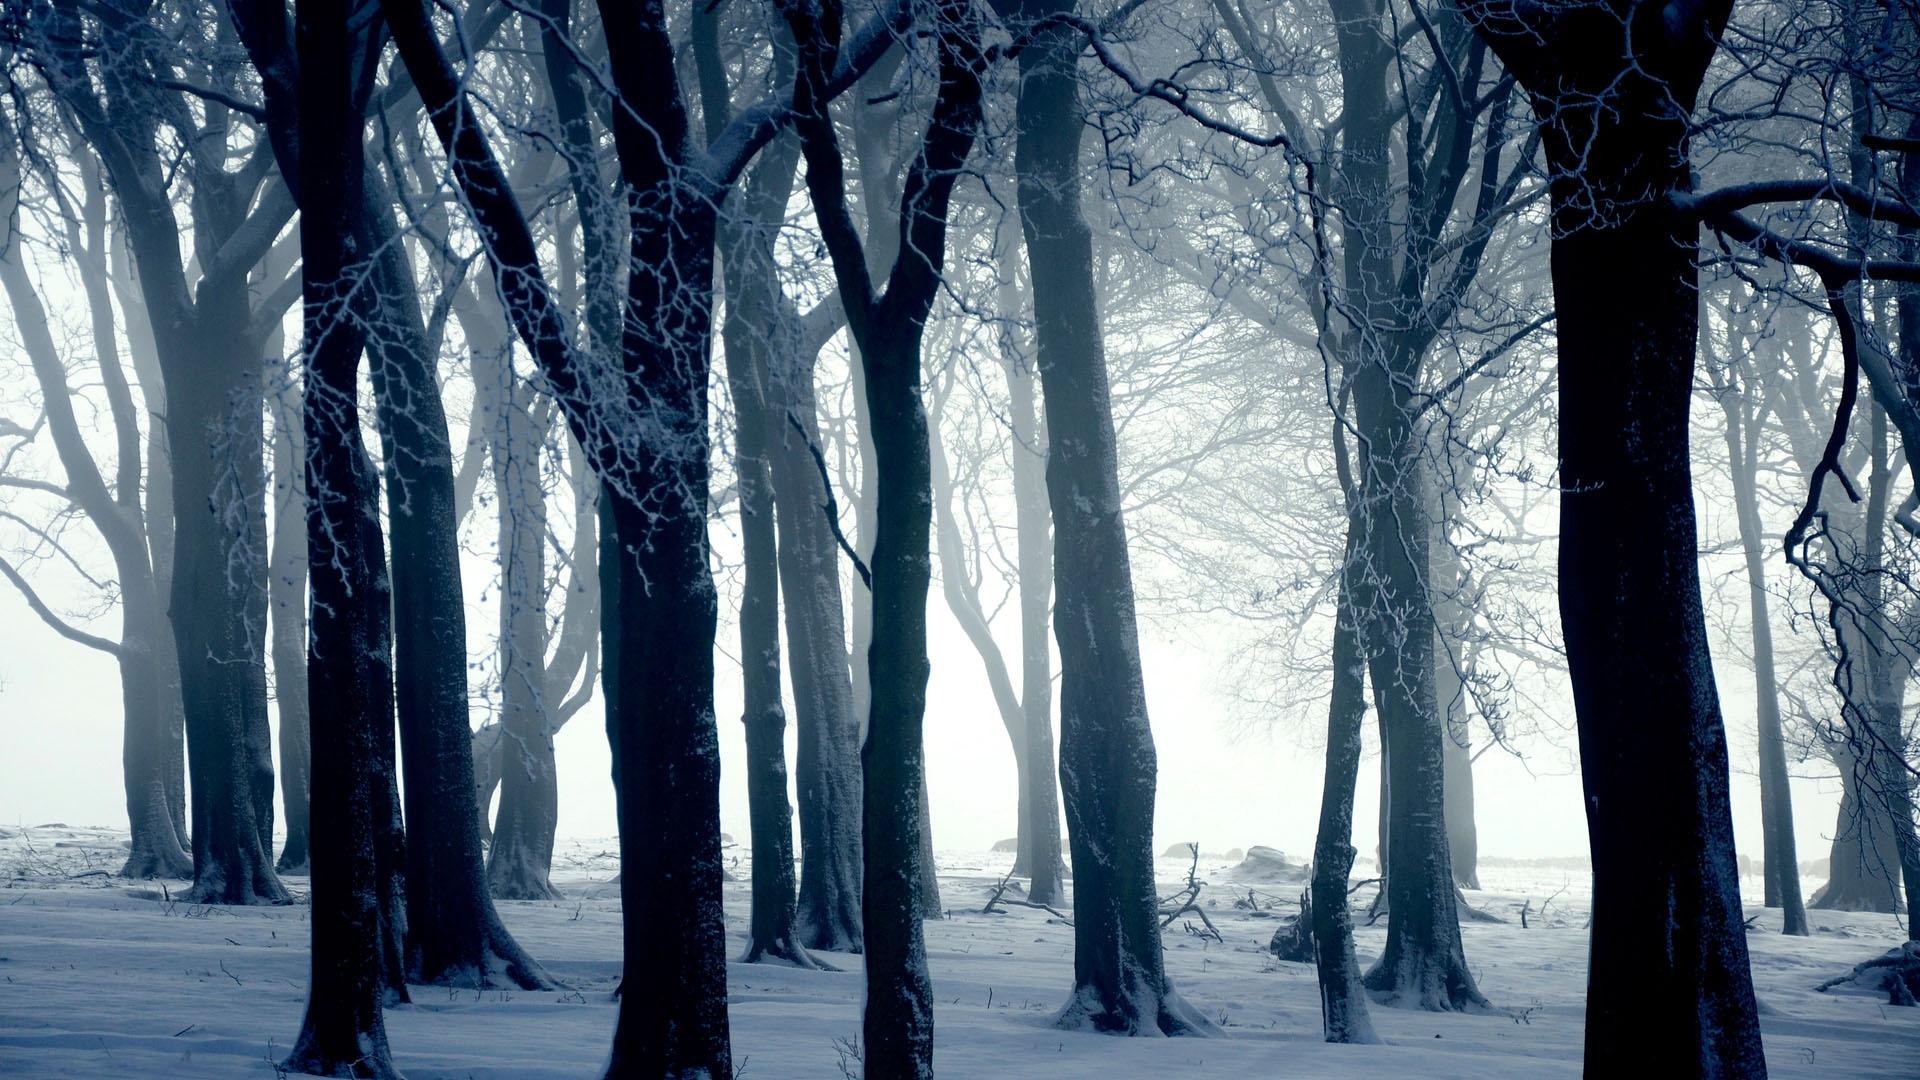 Зимний лес, свтолы деревьев, скачать фото, обои для рабочего стола, зима, обои для рабочего стола